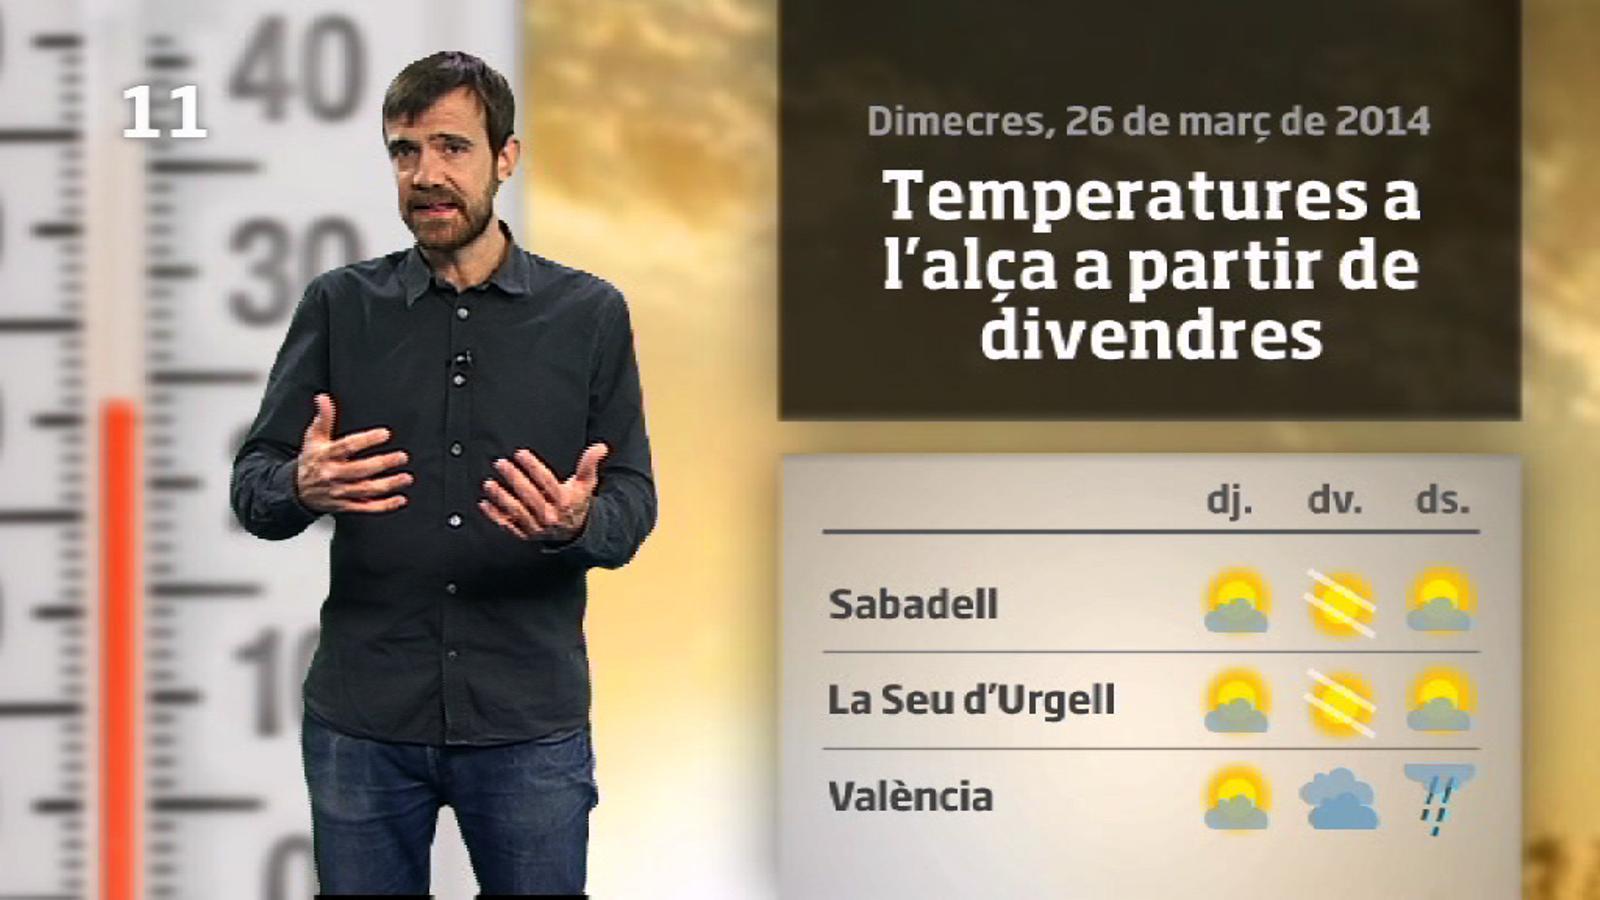 La méteo en 1 minut: dijous hivernal i encara insegur (27/03/2014)